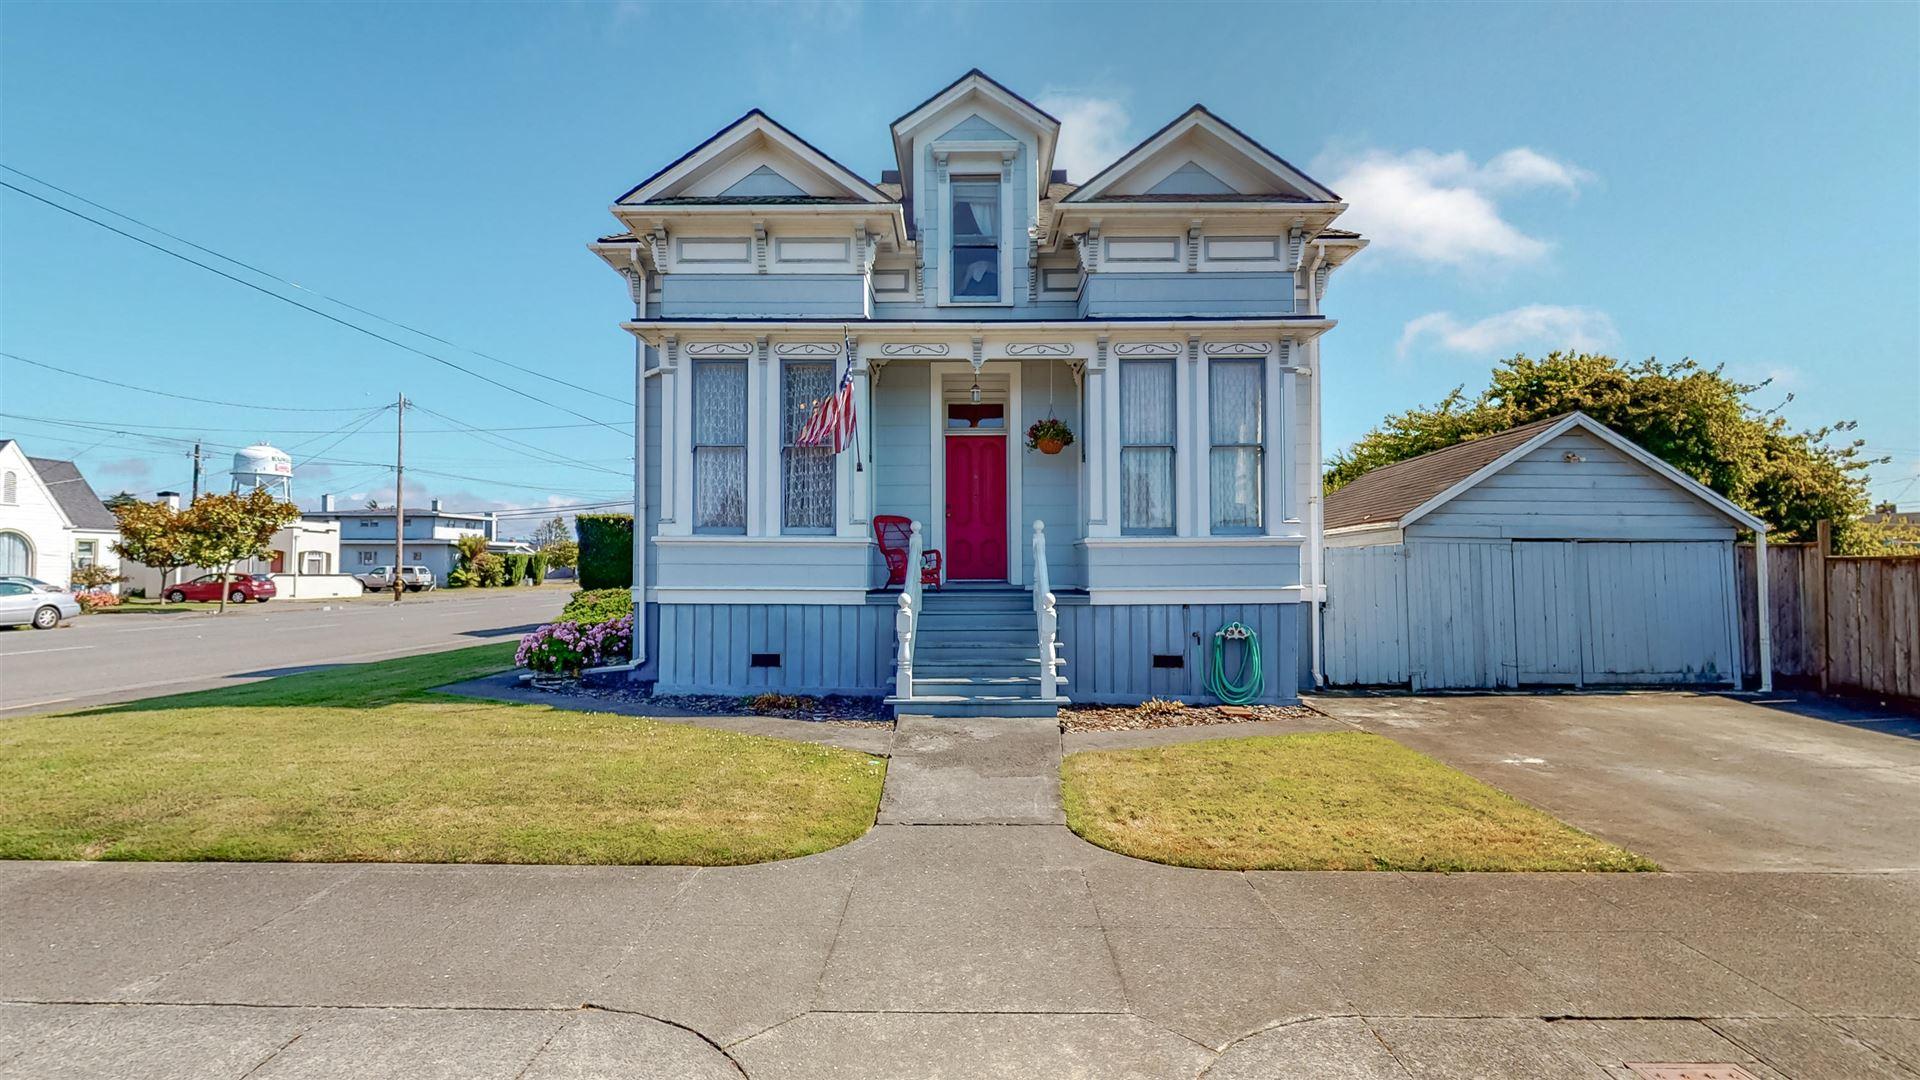 2706 I Street, Eureka, CA 95501 - MLS#: 256901